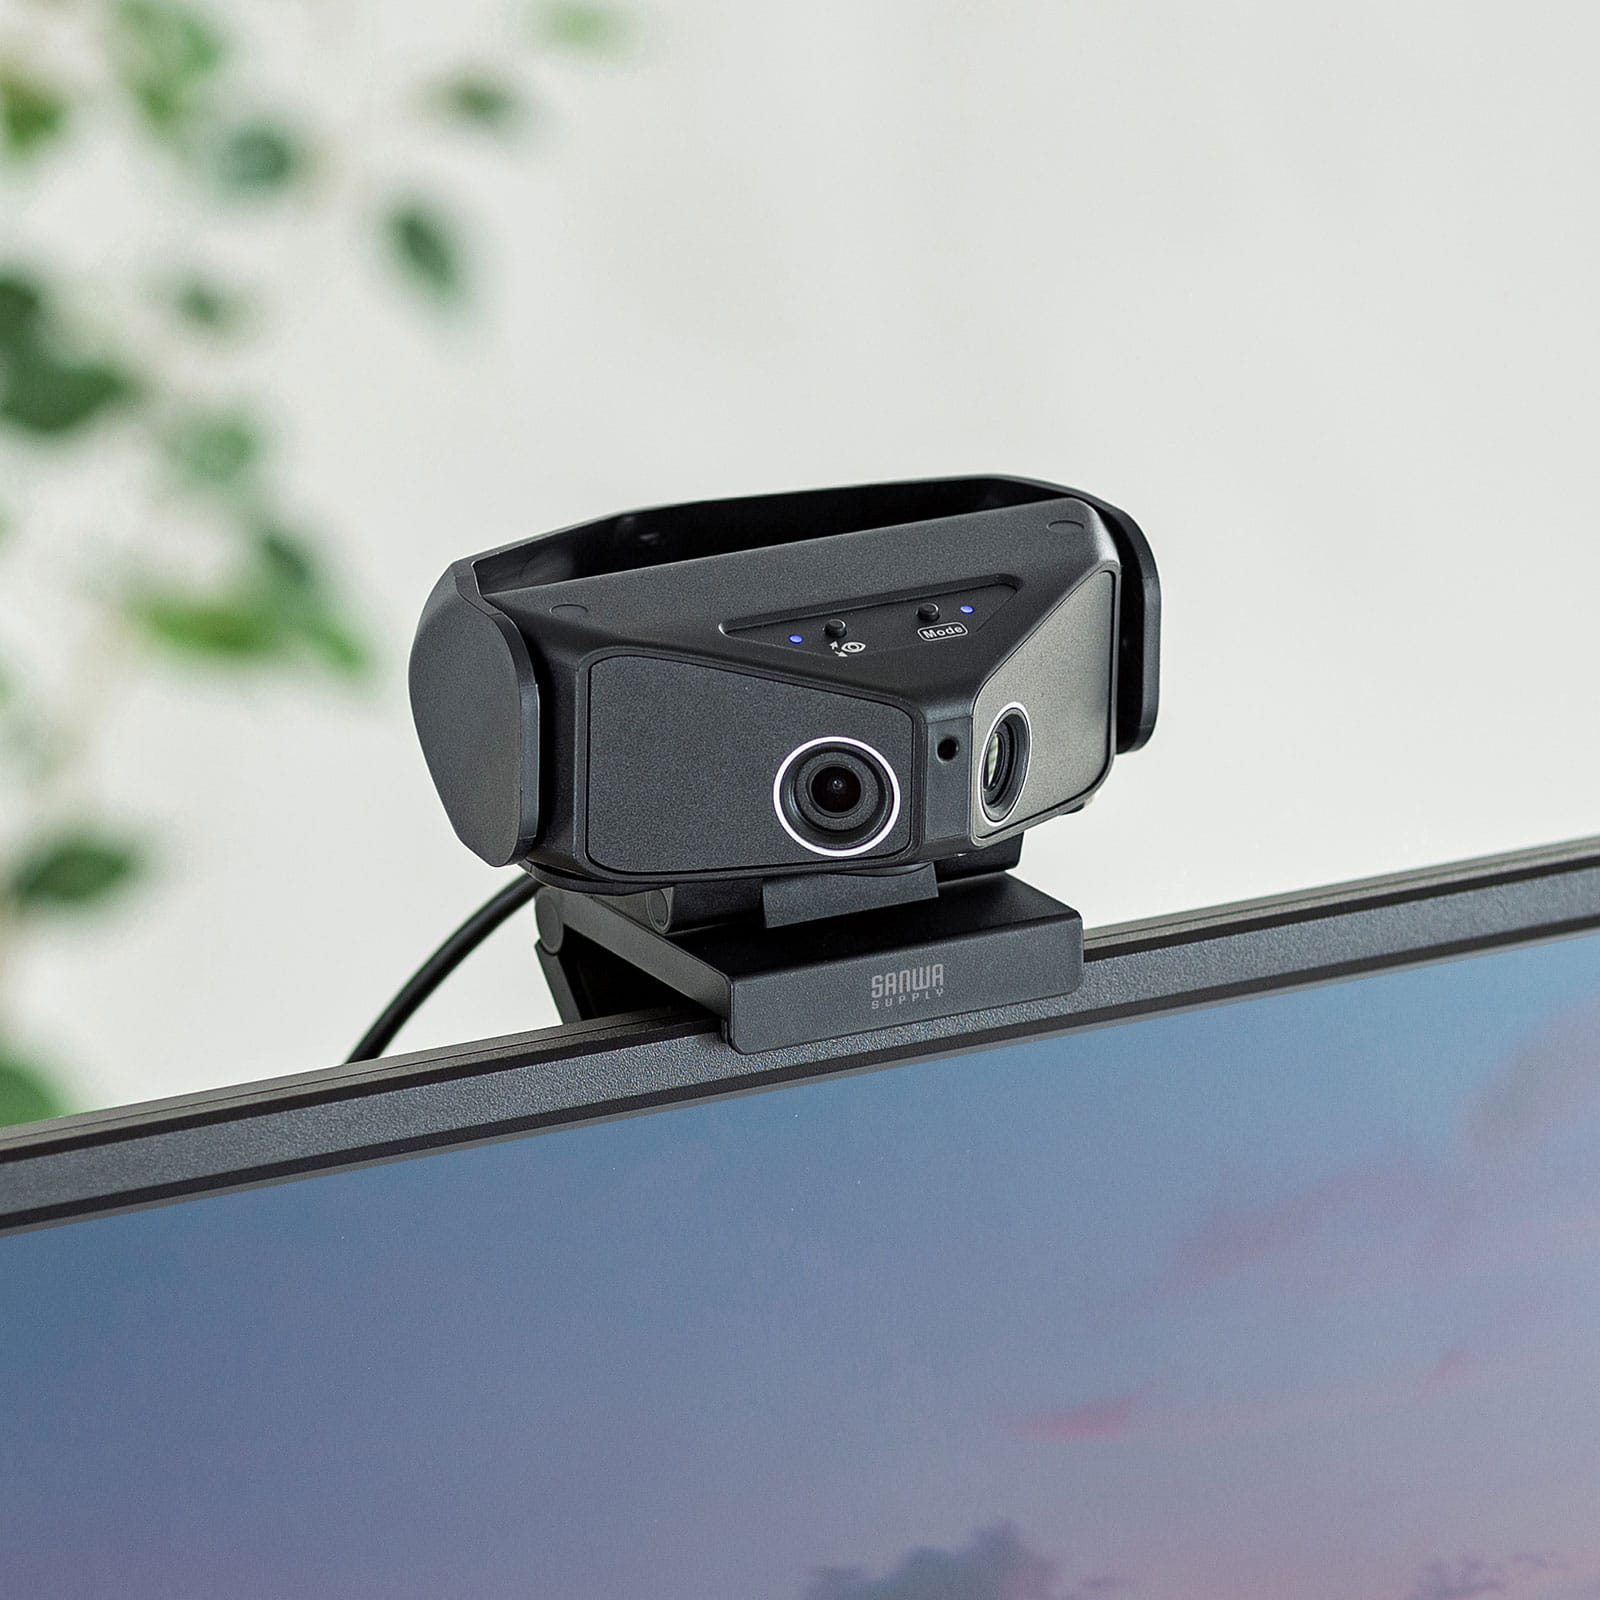 サンワサプライ、最大画角180度対応のウェブカメラを発売